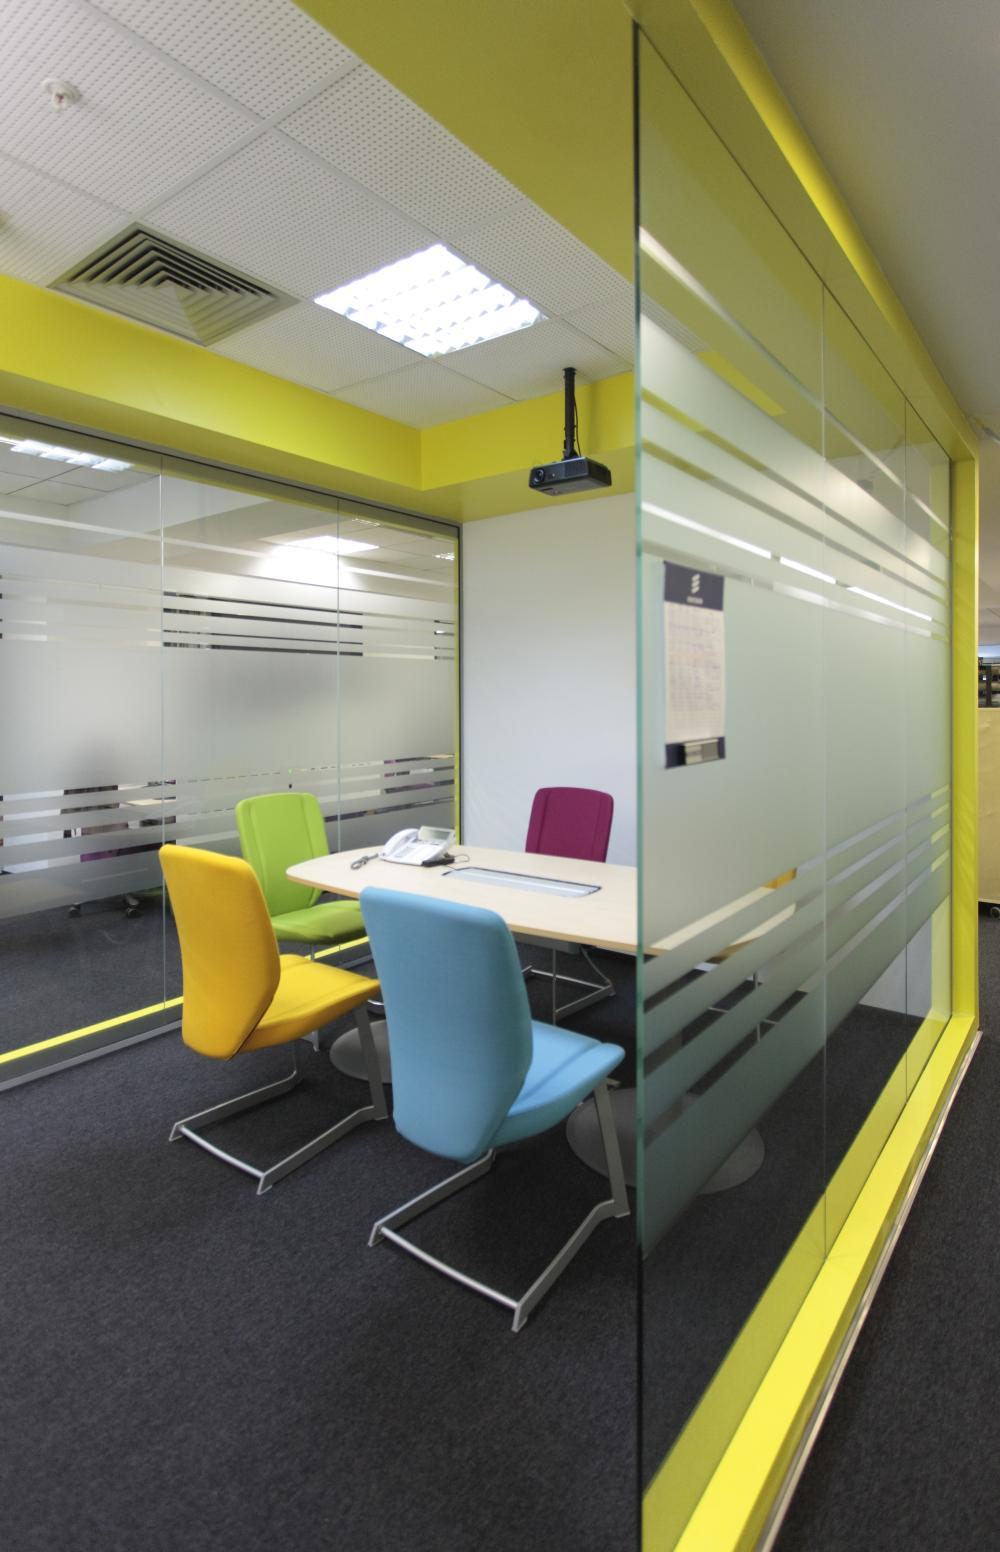 https://nbc-arhitect.ro/wp-content/uploads/2020/11/NBC-Arhitect-_-interior-design-_-Ericsson-_-Romania_5.jpg